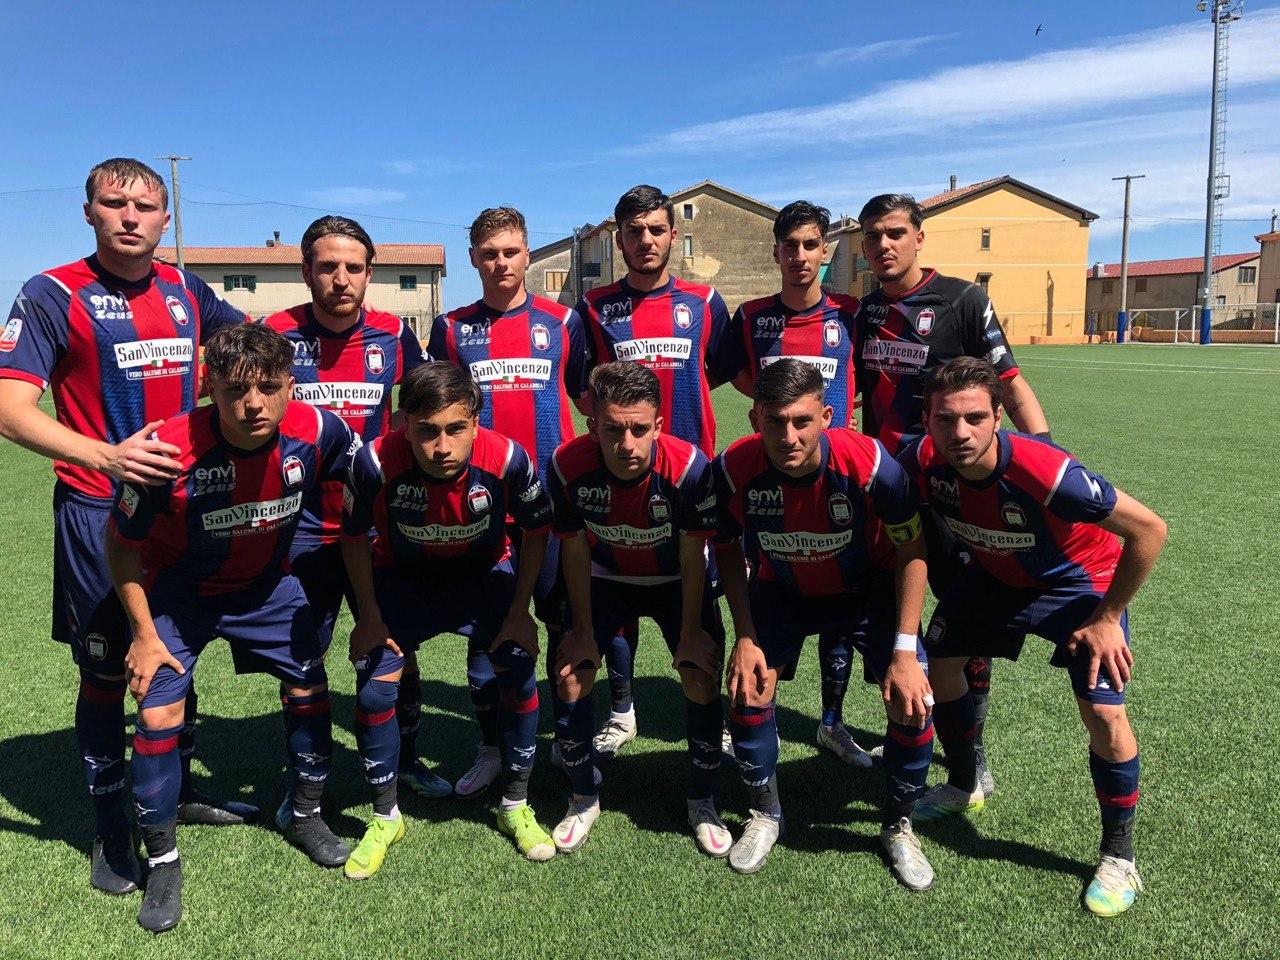 Campionato Primavera 2, recupero 7ª giornata: Crotone-Napoli 2-1